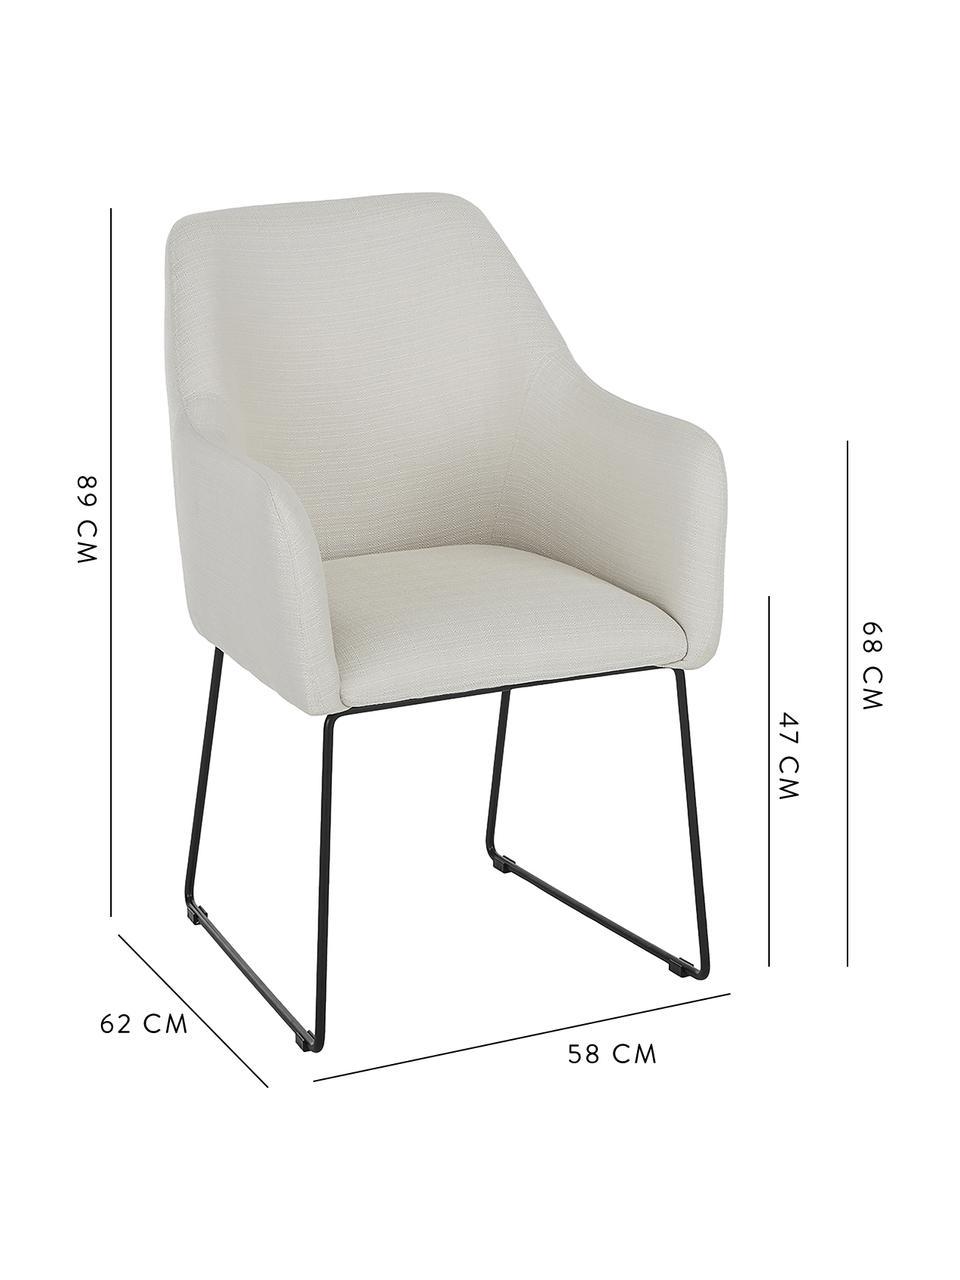 Chaise rembourrée moderne Isla, Tissu blanc crème, pieds noirs